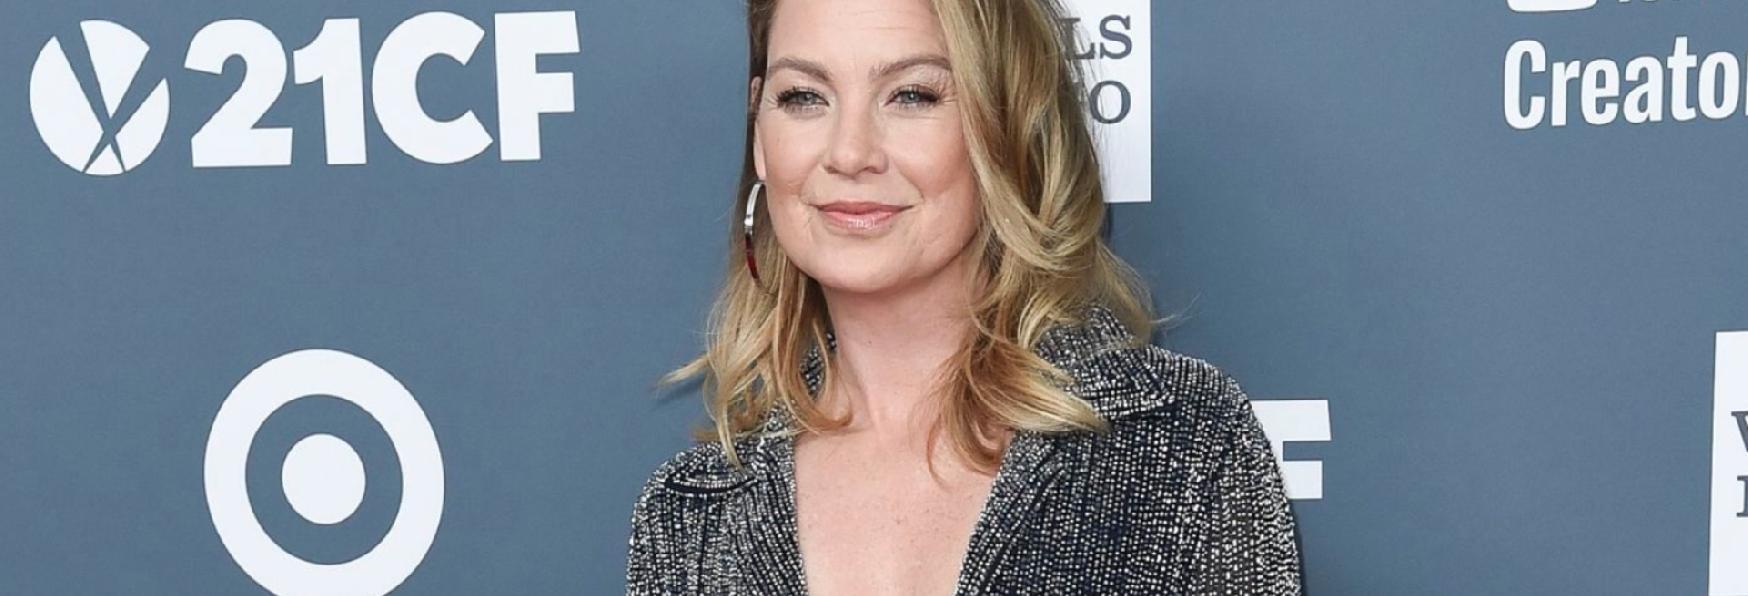 Grey's Anatomy: Ellen Pompeo svela una Scomoda Verità sui Primi Anni della Serie